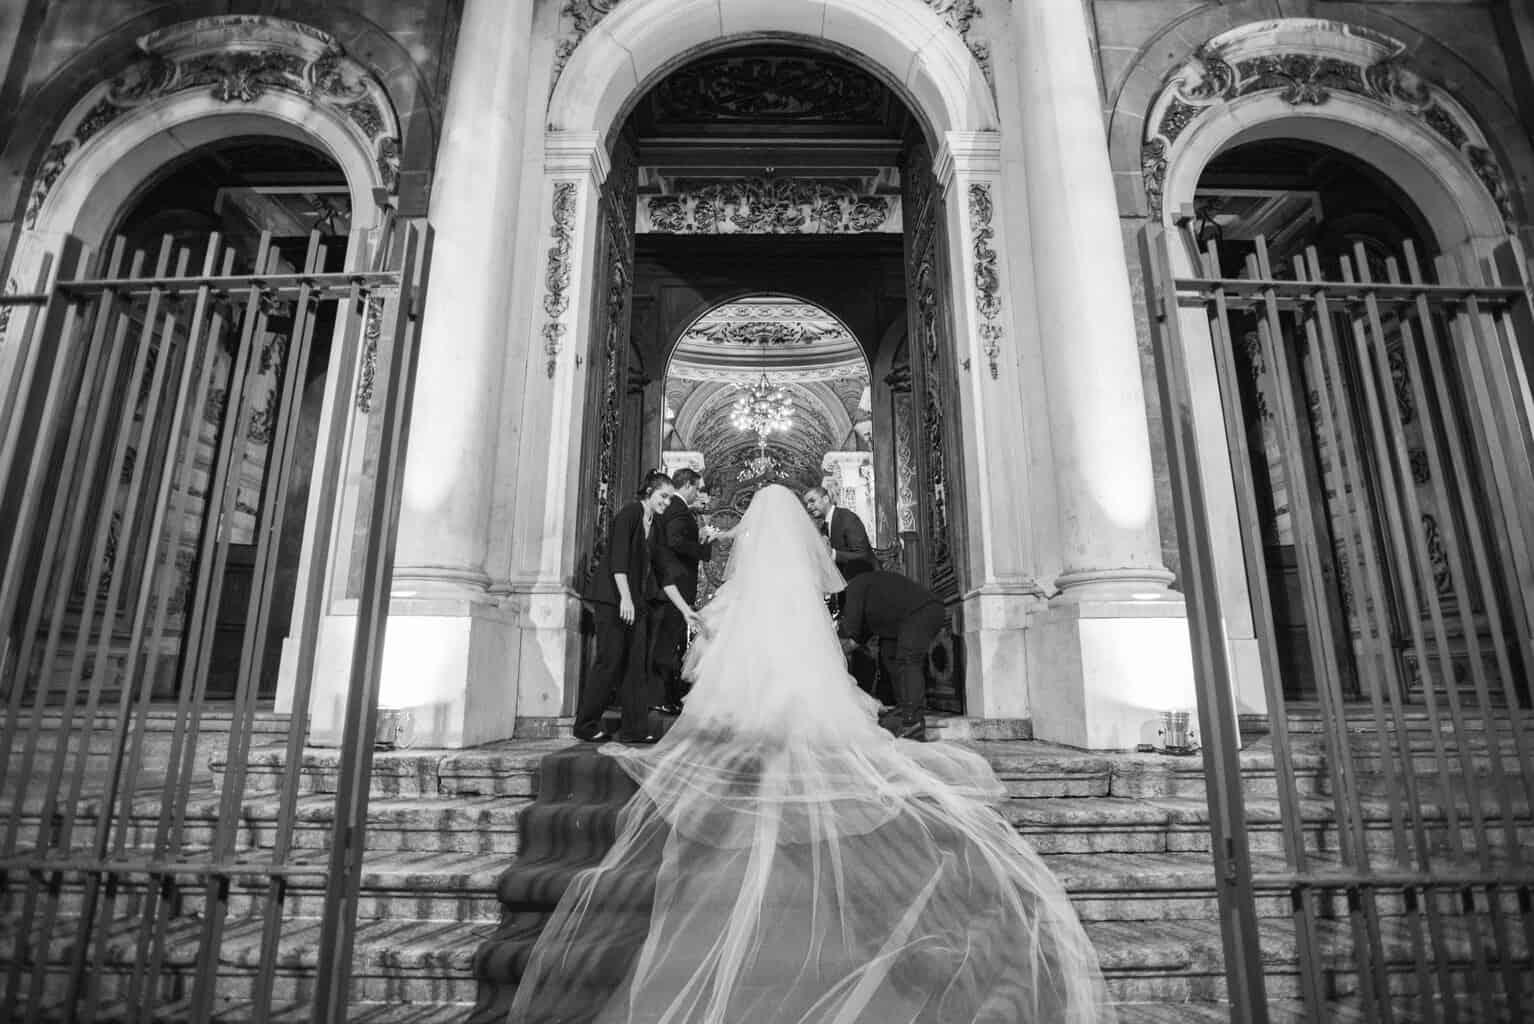 casamento-Karynna-e-Fernando-cerimonia-na-igreja-cerimonial-TCD-Eventos-fotografia-Marina-Fava-Igreja-São-Francisco-de-Paula30